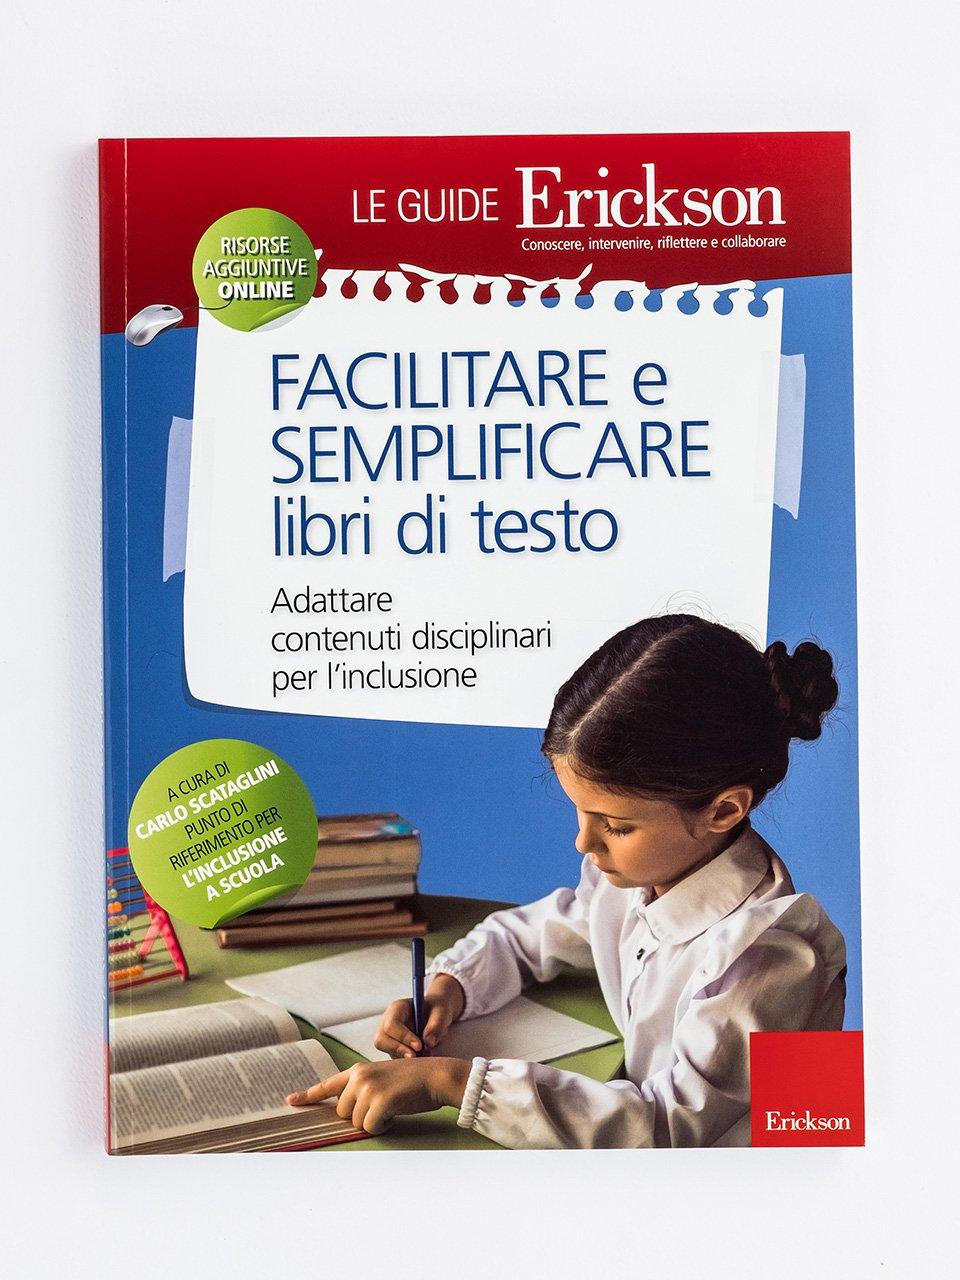 Facilitare e semplificare libri di testo - L'intervento in rete per i Bisogni Educativi Speci - Libri - Erickson